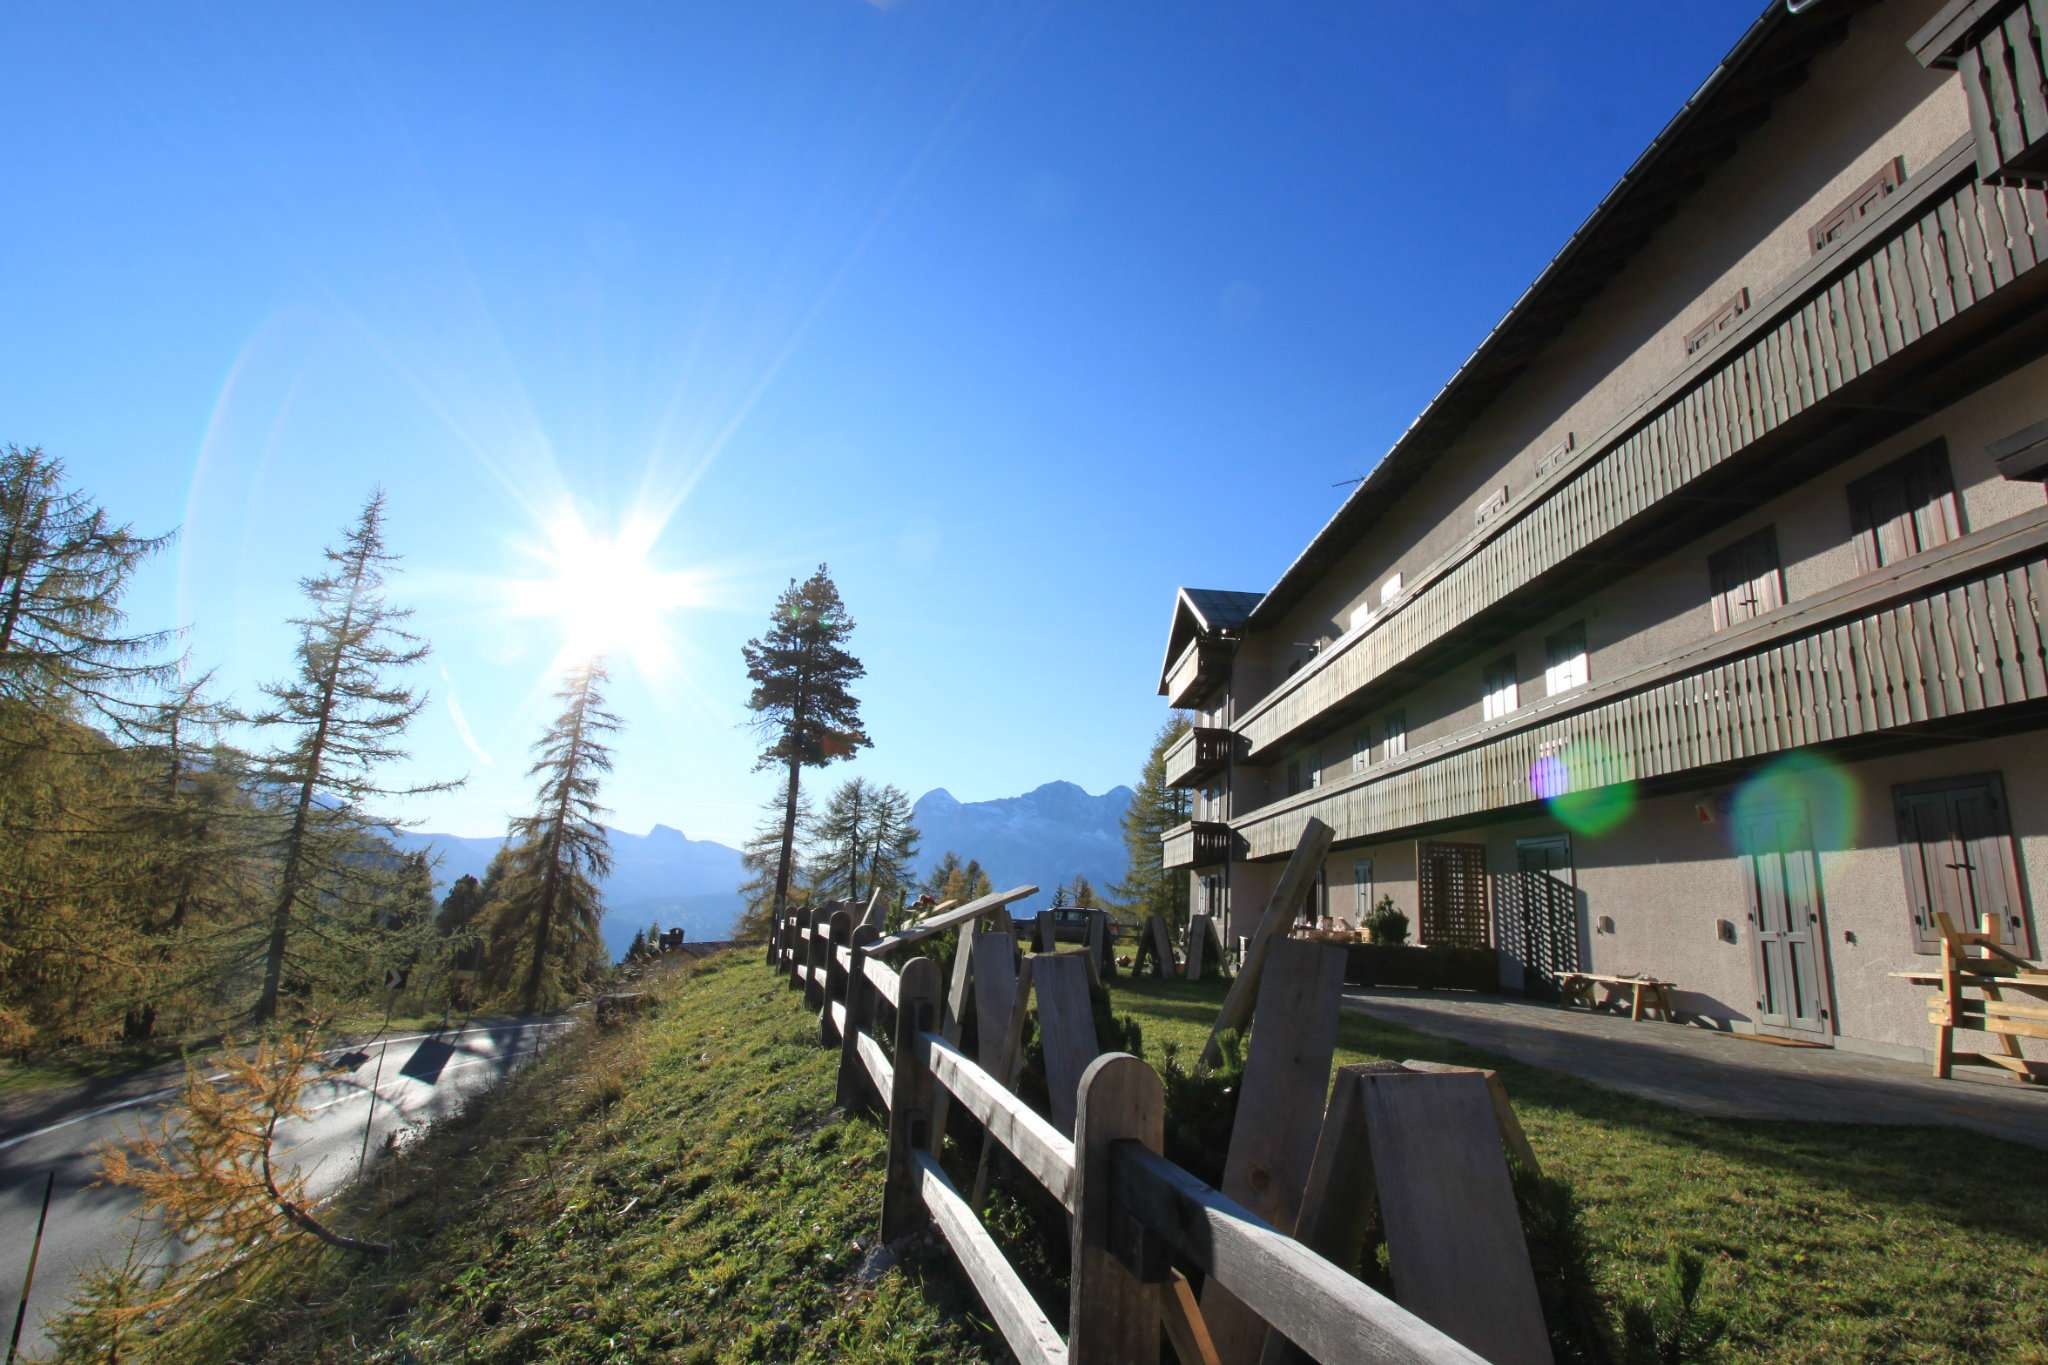 Appartamento in vendita a Cortina d'Ampezzo, 3 locali, prezzo € 380.000 | CambioCasa.it